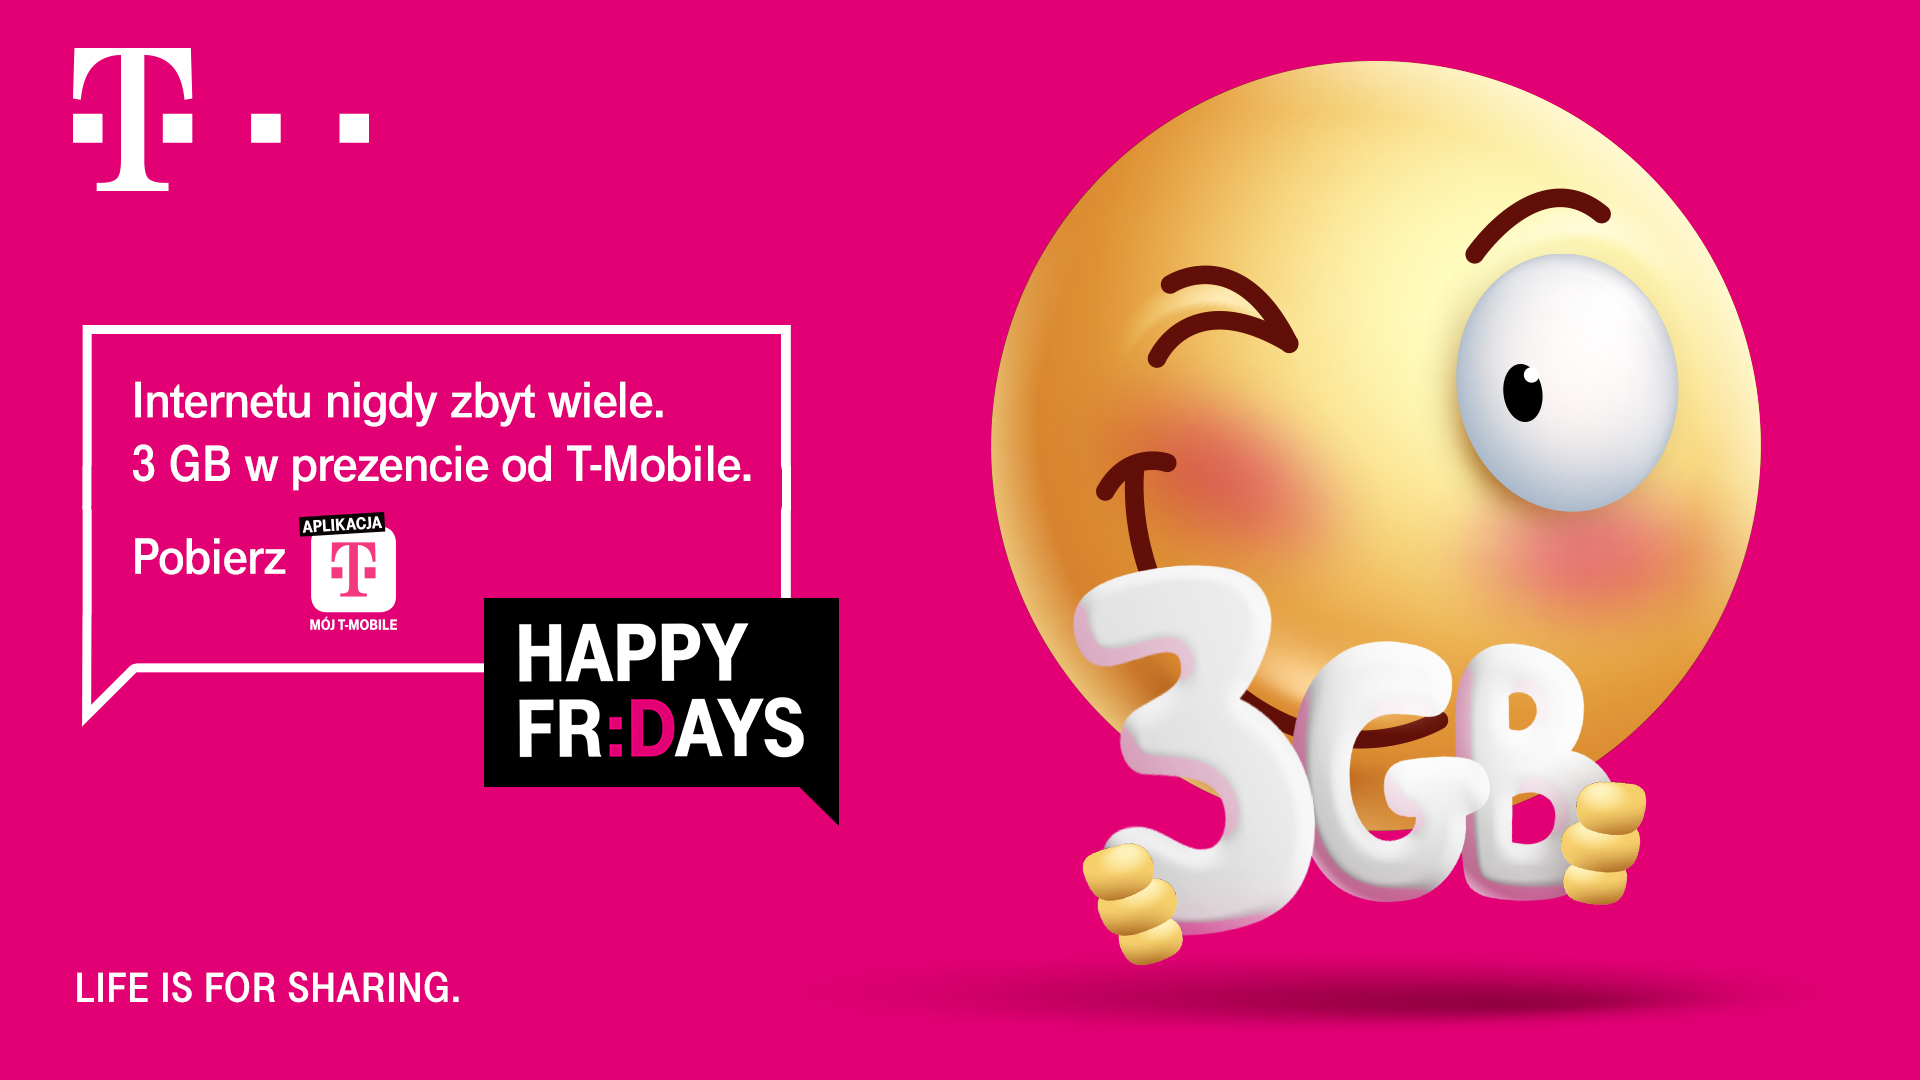 """1 Blisko 44 mln bezpłatnych GB w ciągu pół roku – T-Mobile rozdaje kolejne gigabajty w ramach """"Happy Fridays"""""""